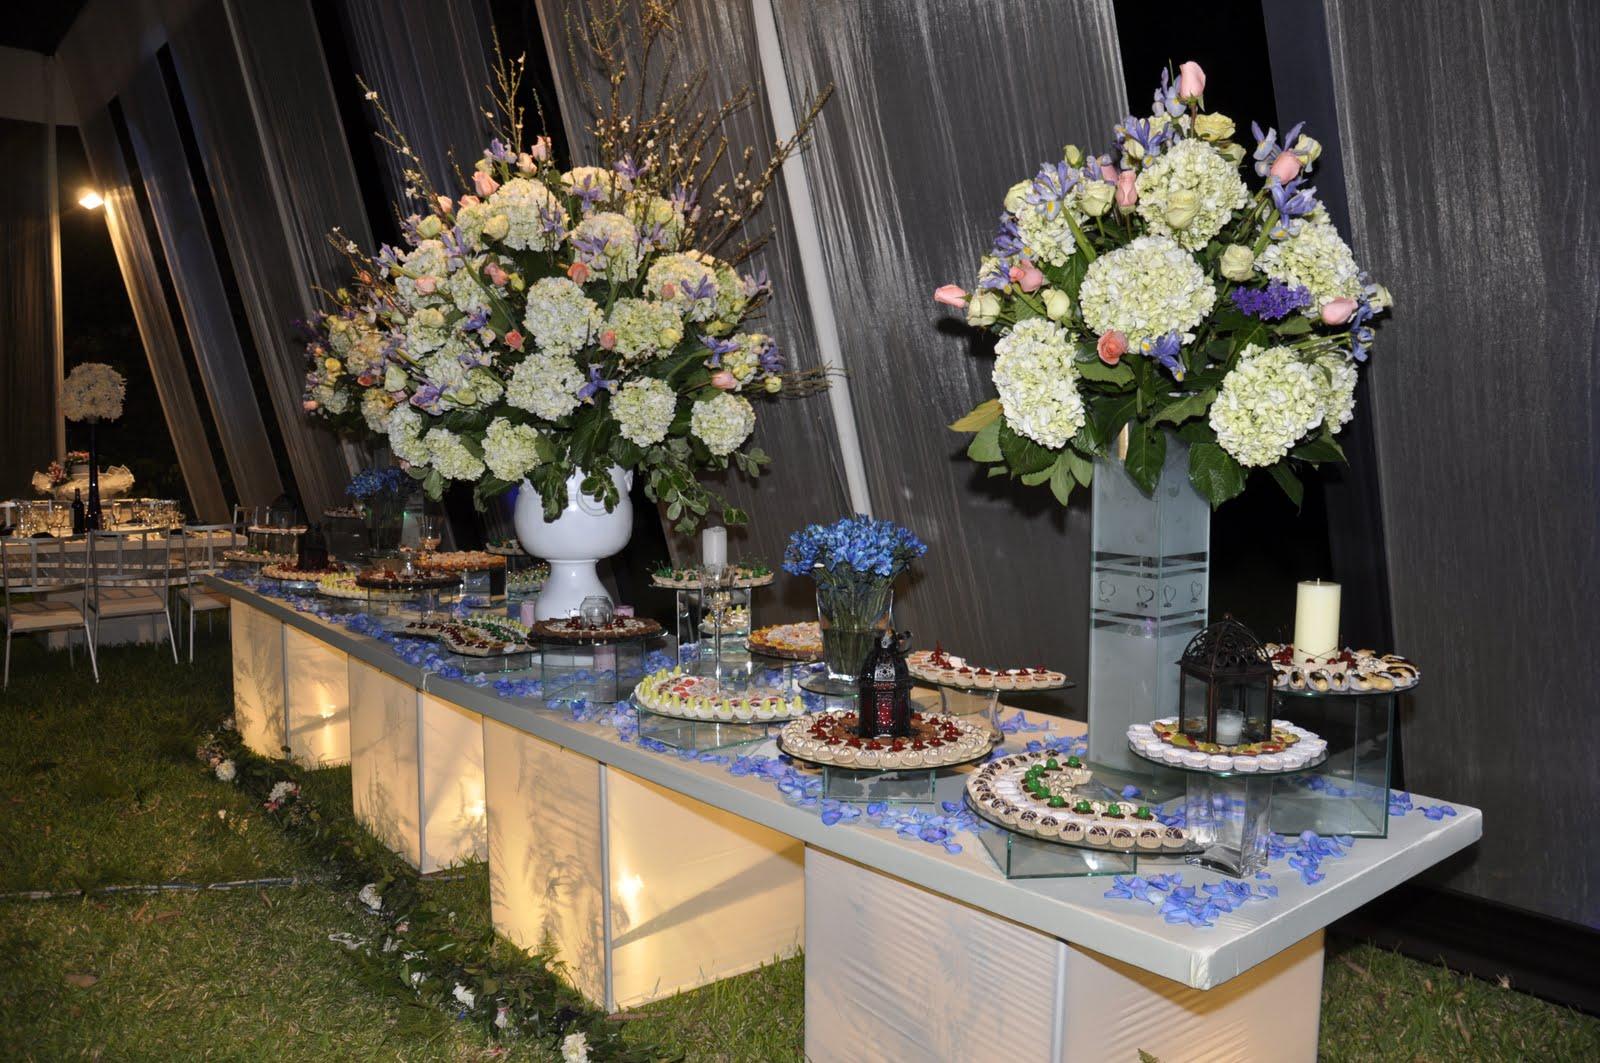 Mesa De Finos Dulces Decorado Con Grandes Arreglos De Flores Y Velas